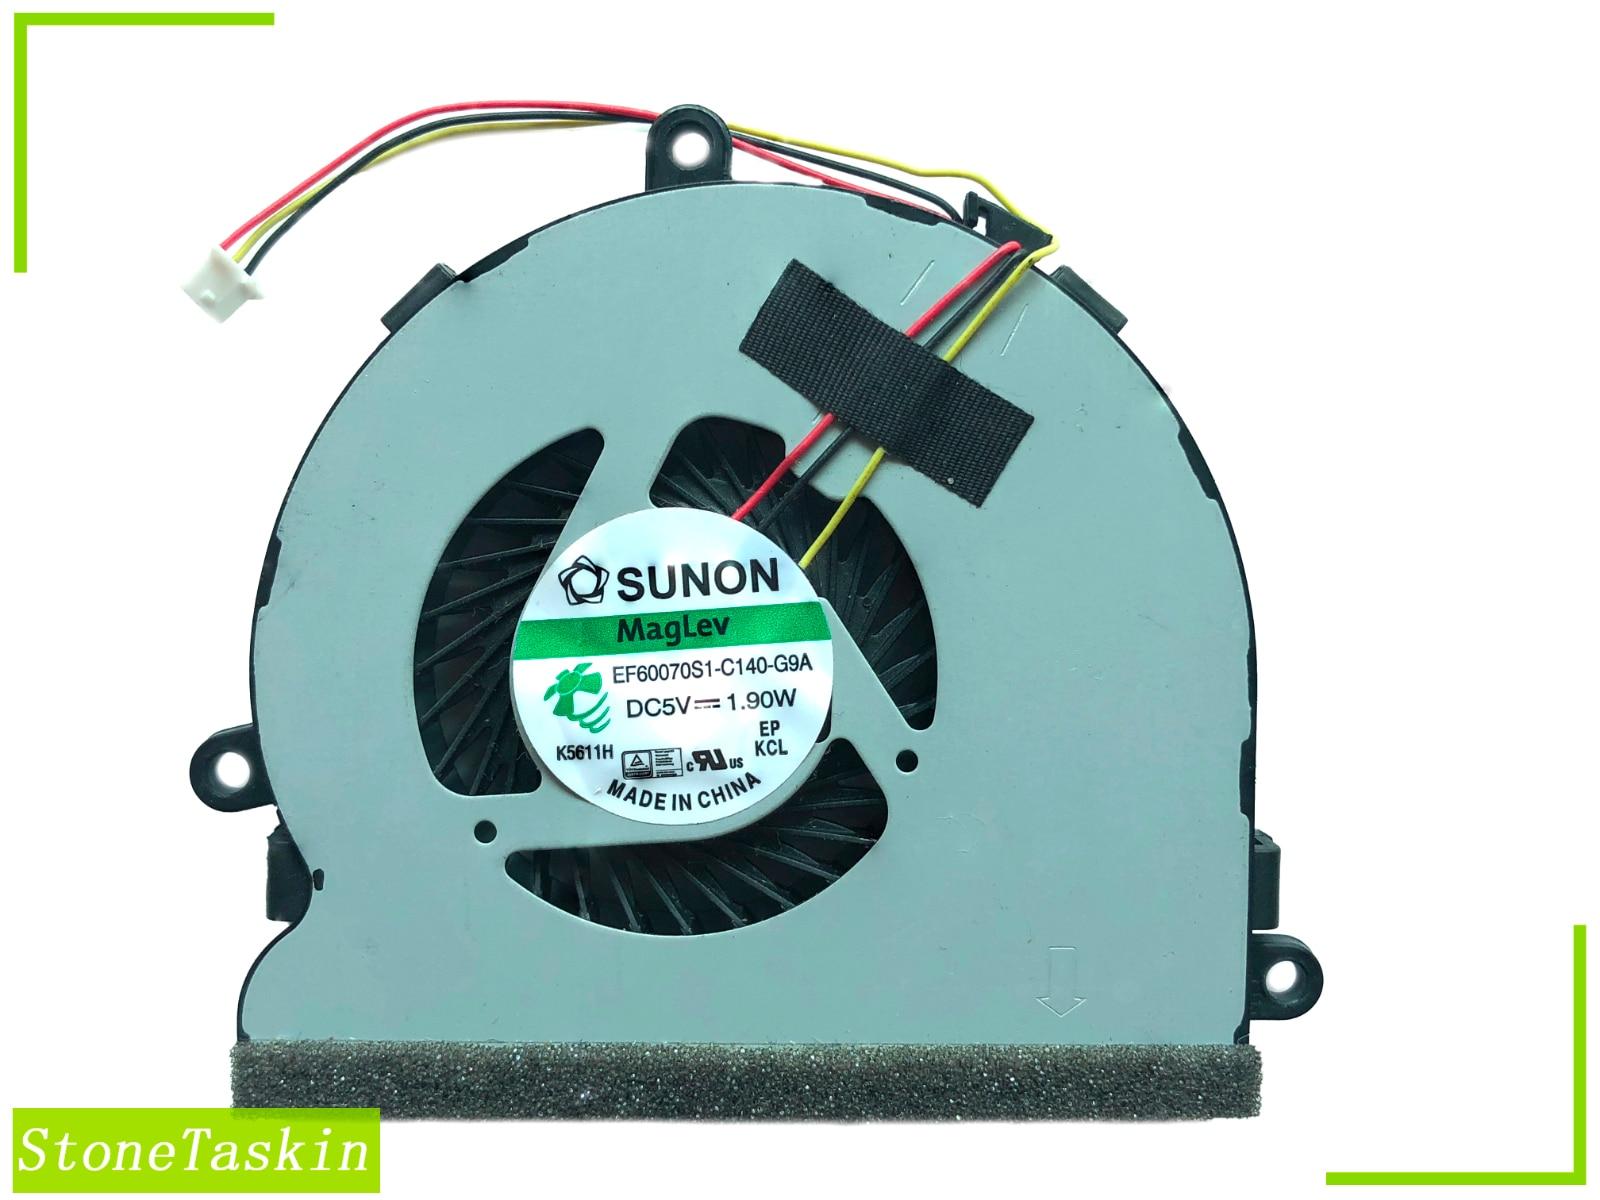 Оригинальный новый для DELL INS N5537 N3521 N5521 3537 15R 5537 15R 74X7K охлаждения EF60070S1-C140-G9A Вентилятор охлаждения Тест Бесплатная доставка